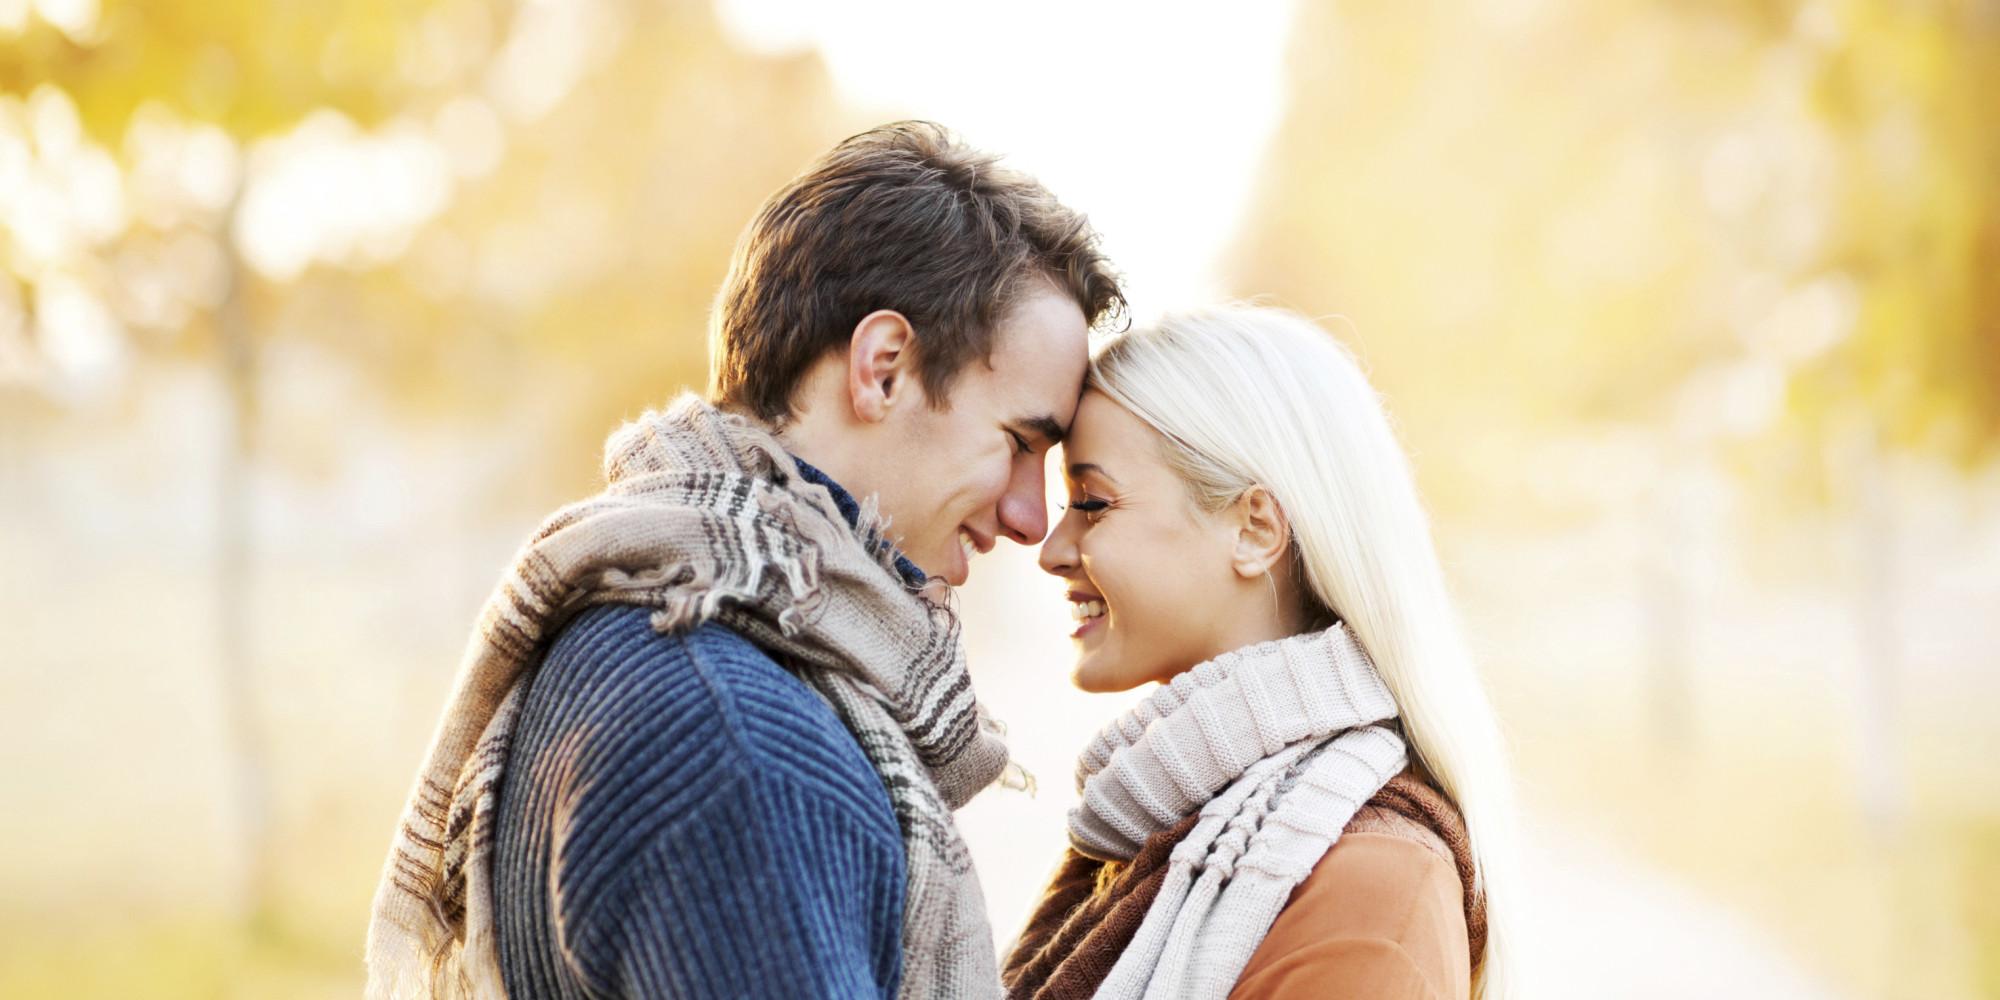 фото влюбленных мужчины и женщины